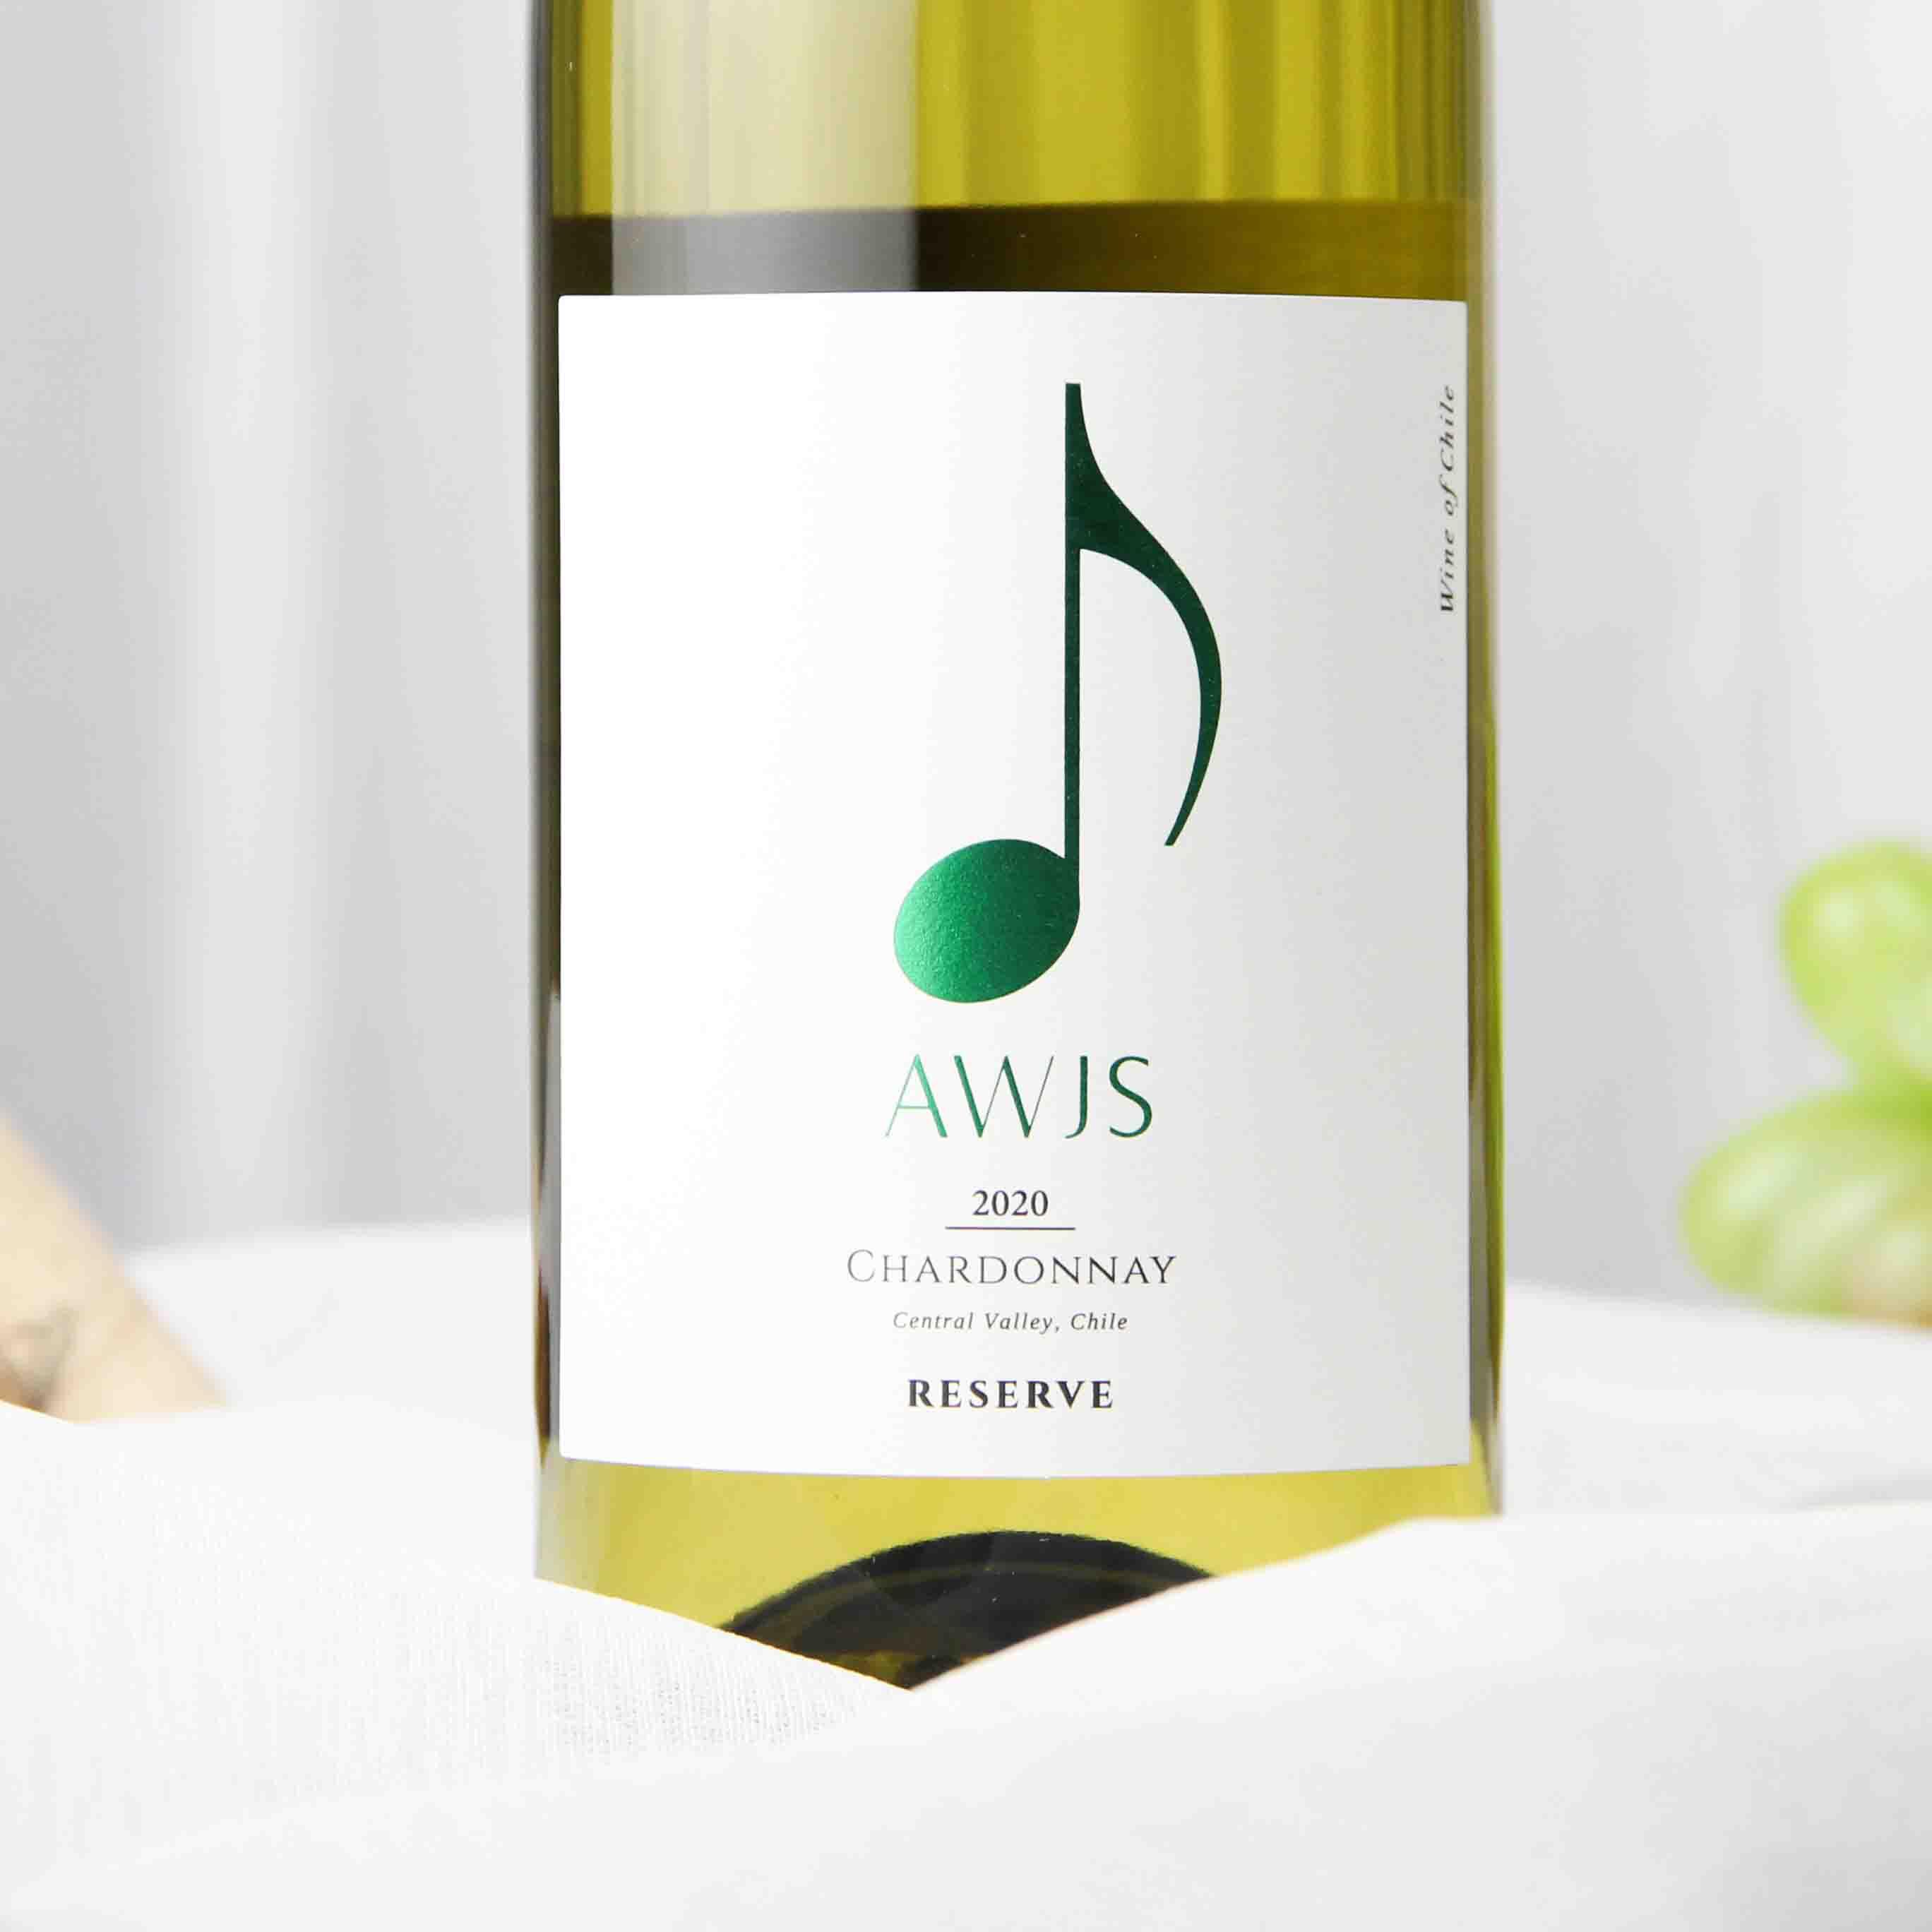 智利中央山谷音符珍藏莎当妮白葡萄酒